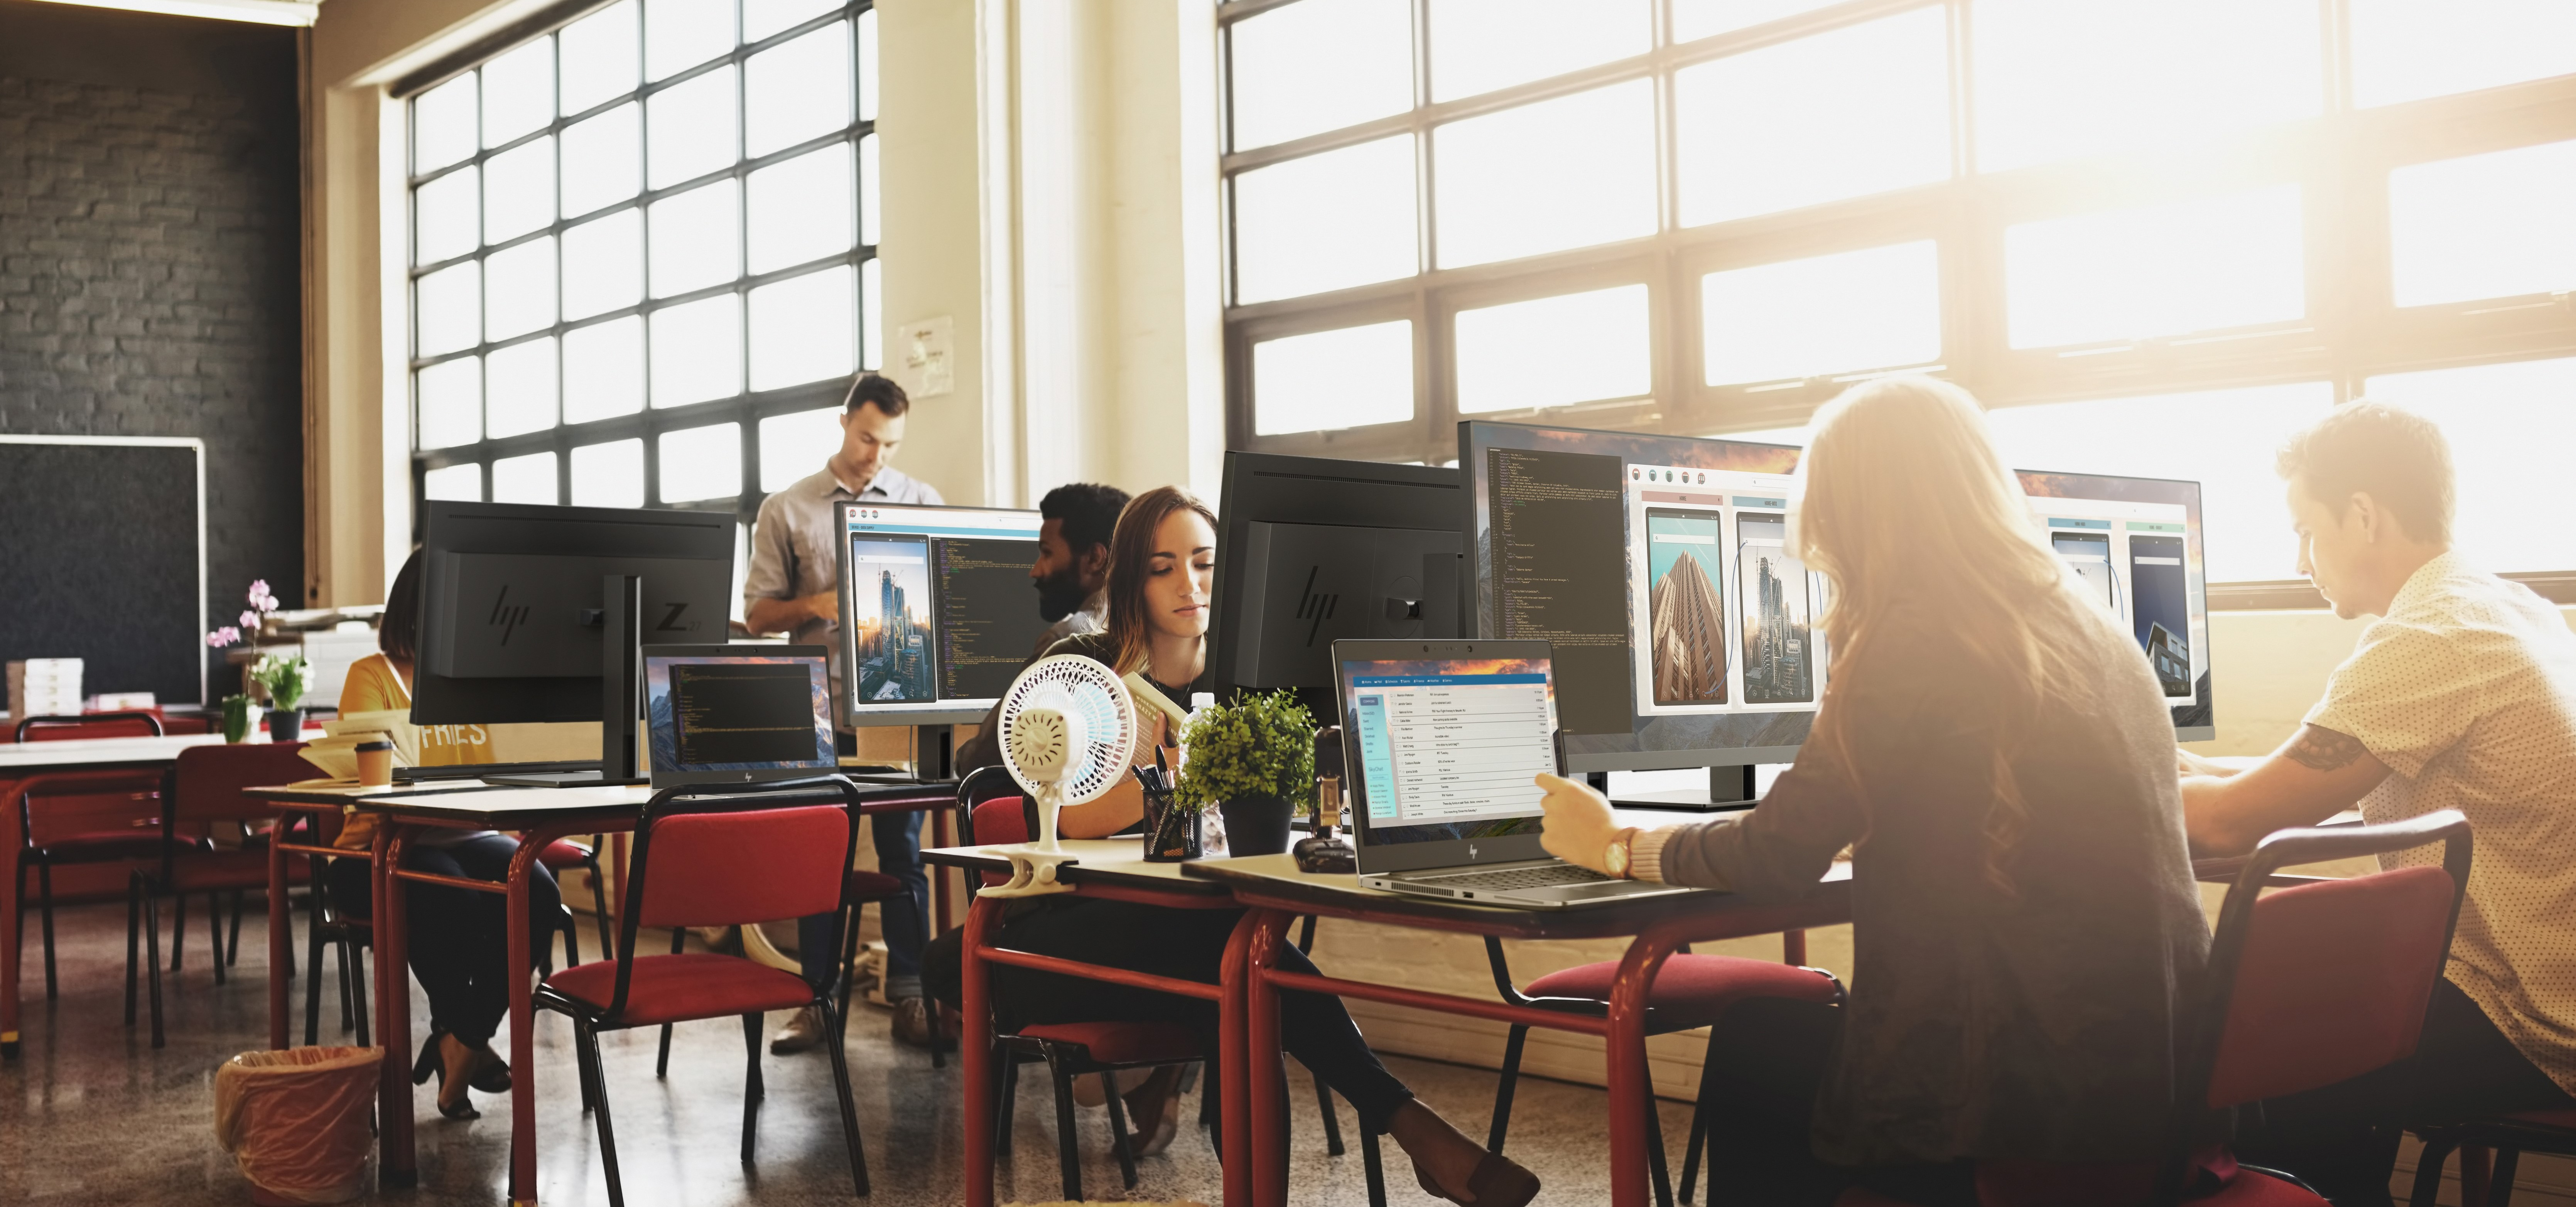 Współczesne miejsce pracy to nie tylko biuro. Podążając za trendami pamiętajmy o bezpieczeństwie